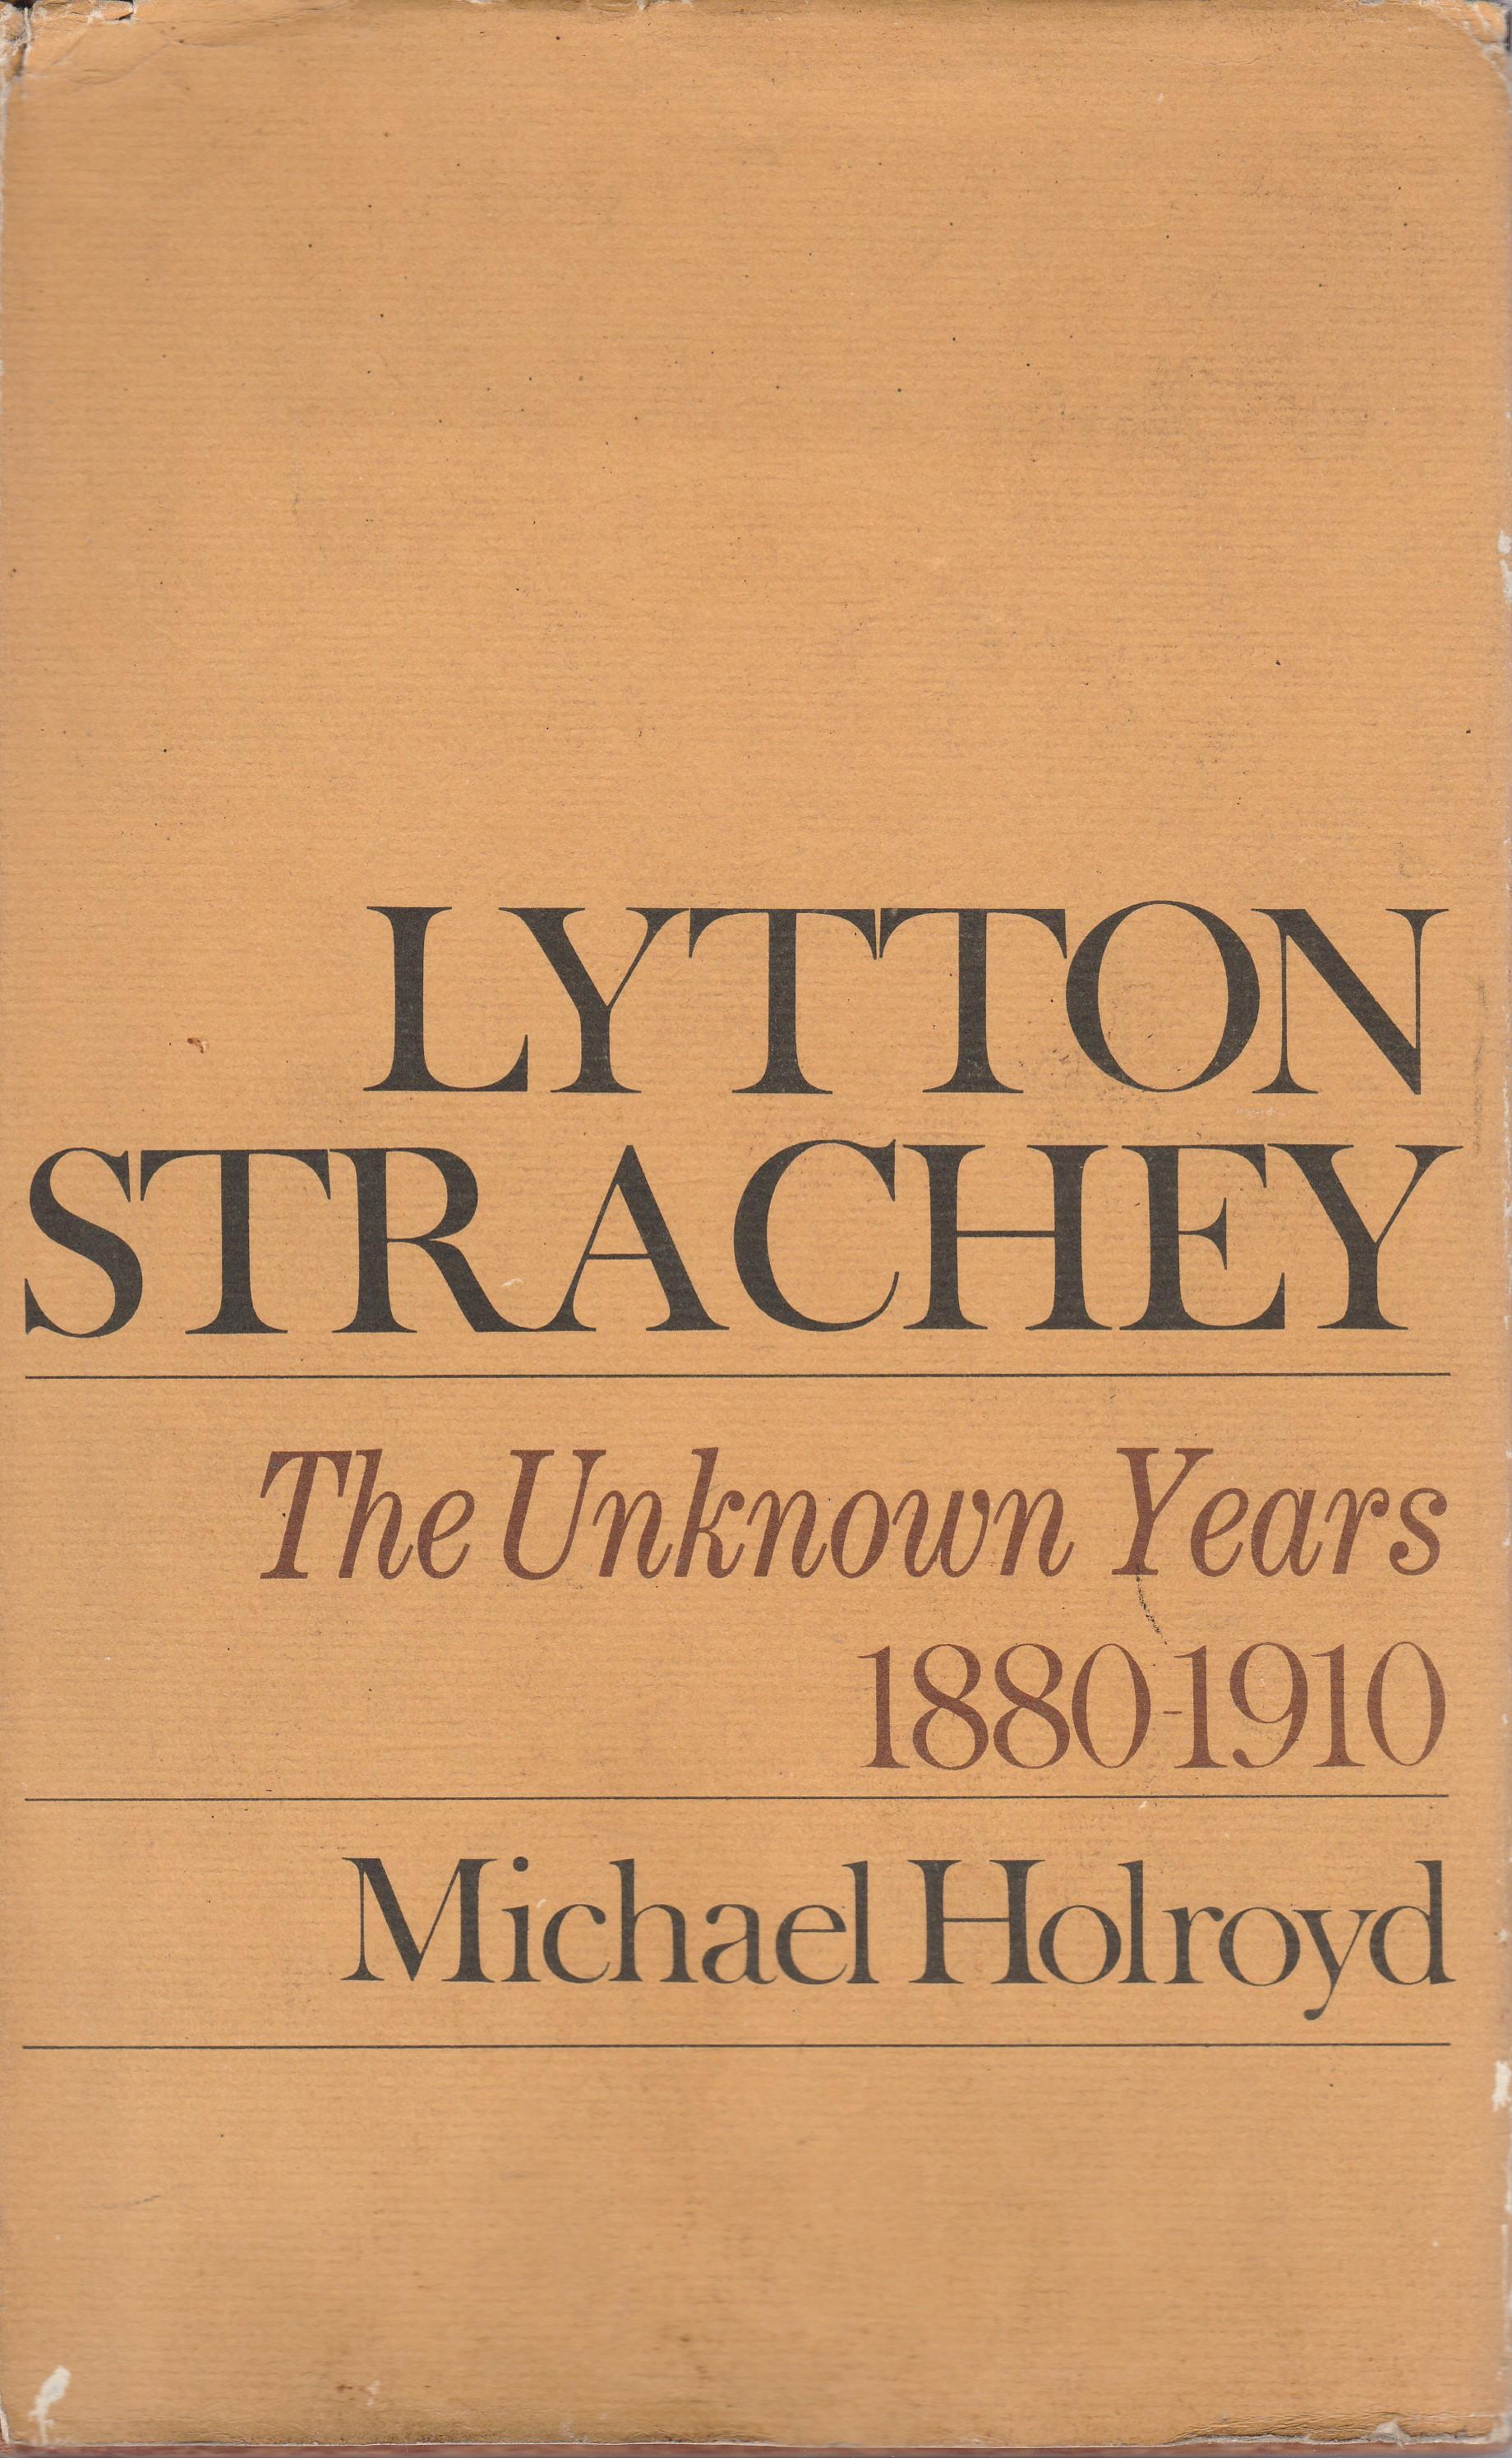 Lytton Strachey